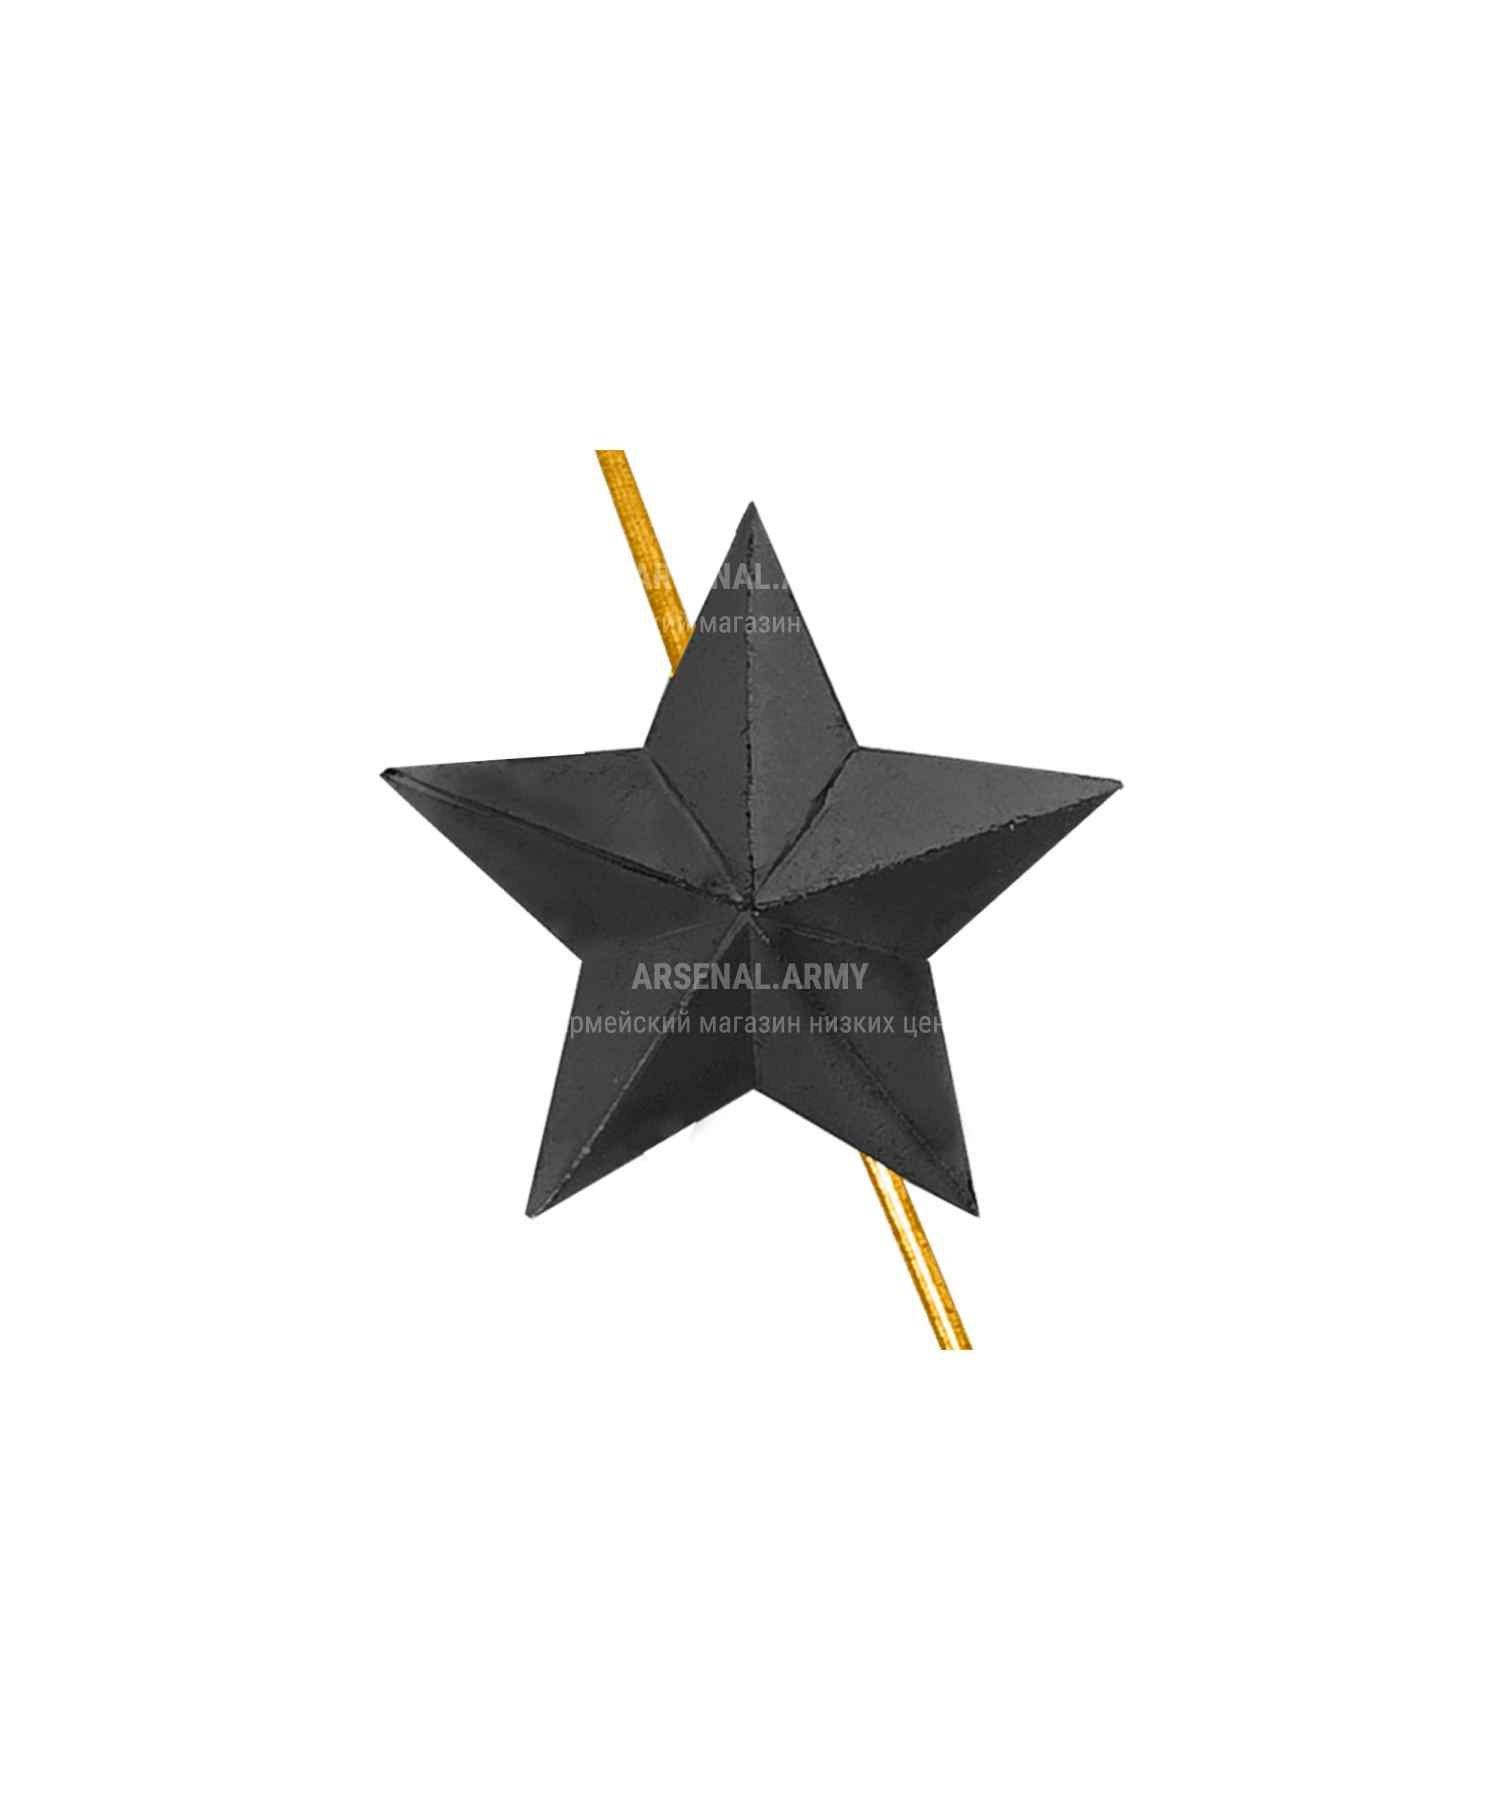 Звезда на погоны ФСИН черная 18 мм